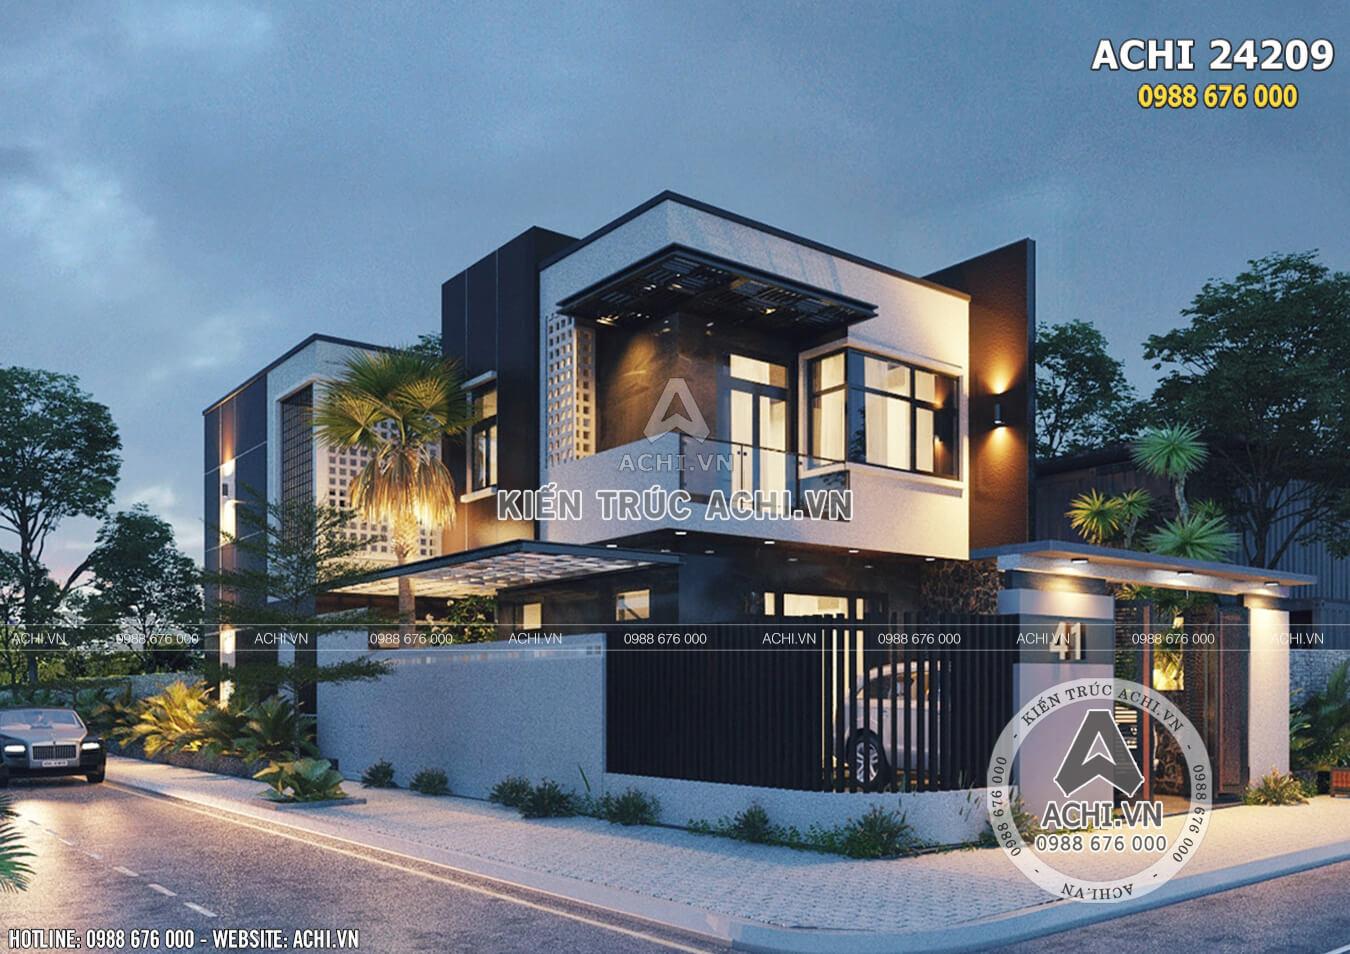 Ngây ngất với thiết kế nhà 2 tầng hiện đại mặt tiền 8m - Mã số: ACHI 24209